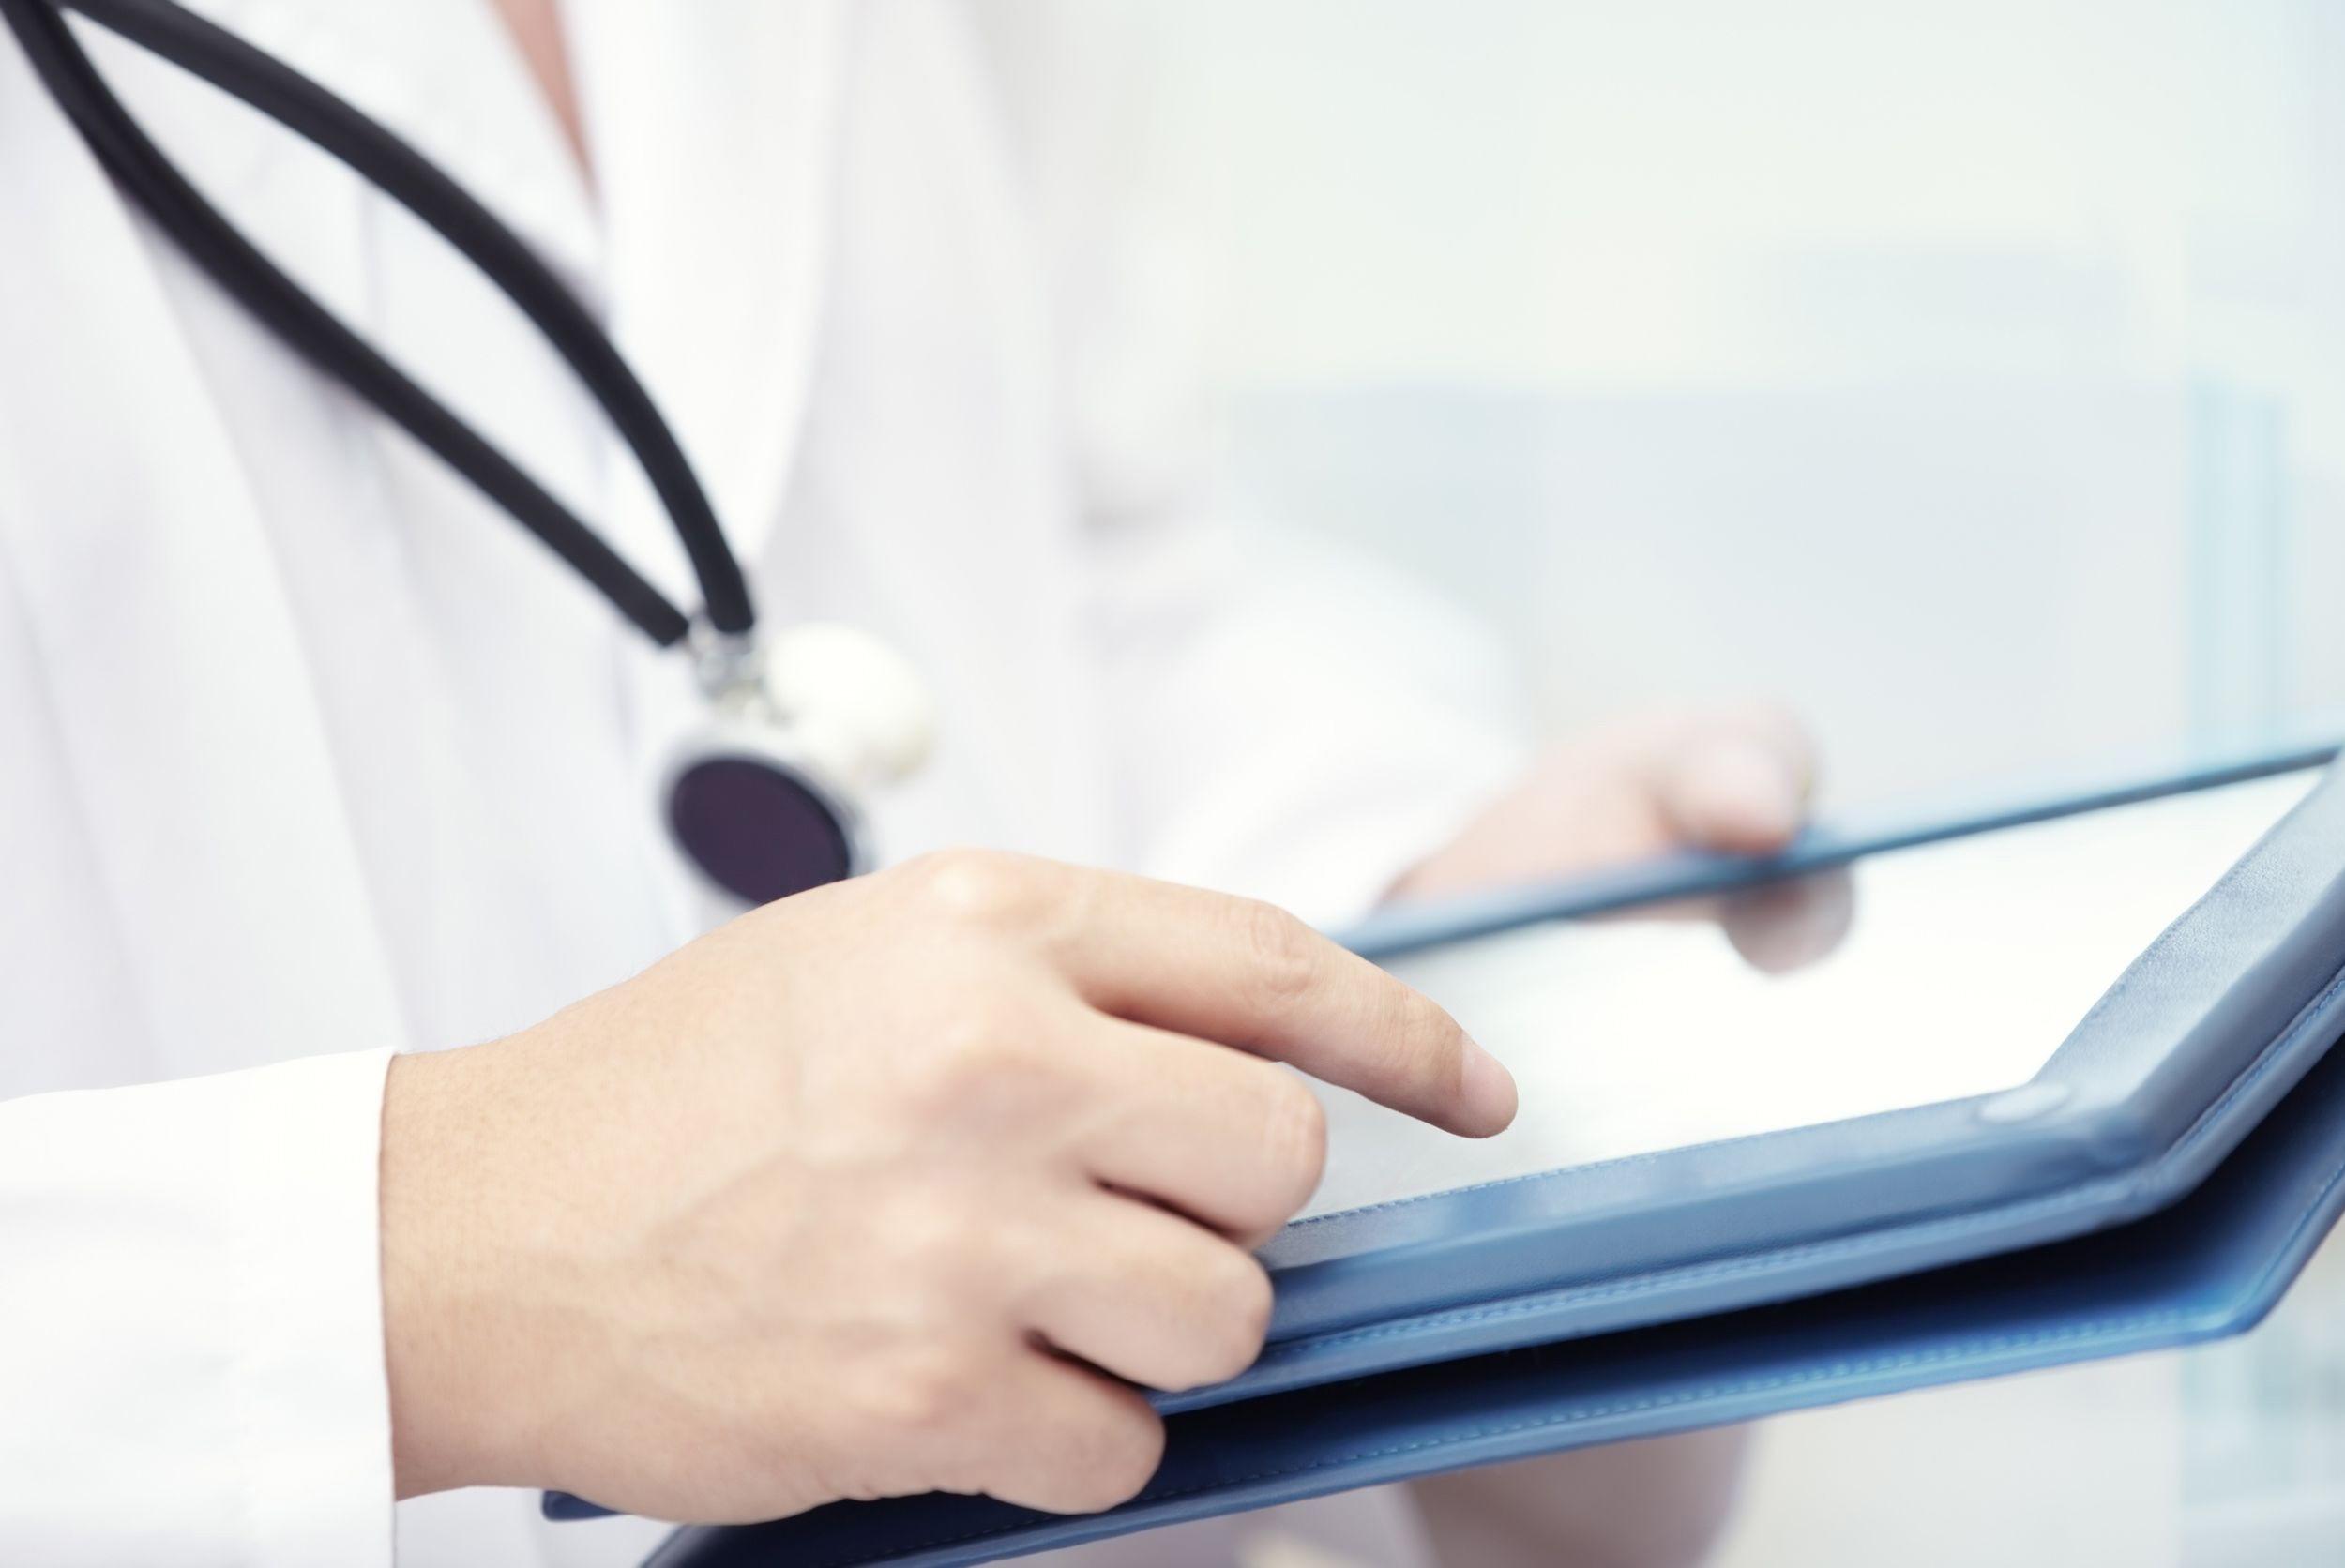 image00114 - Bùng nổ ứng dụng chăm sóc sức khỏe qua di động